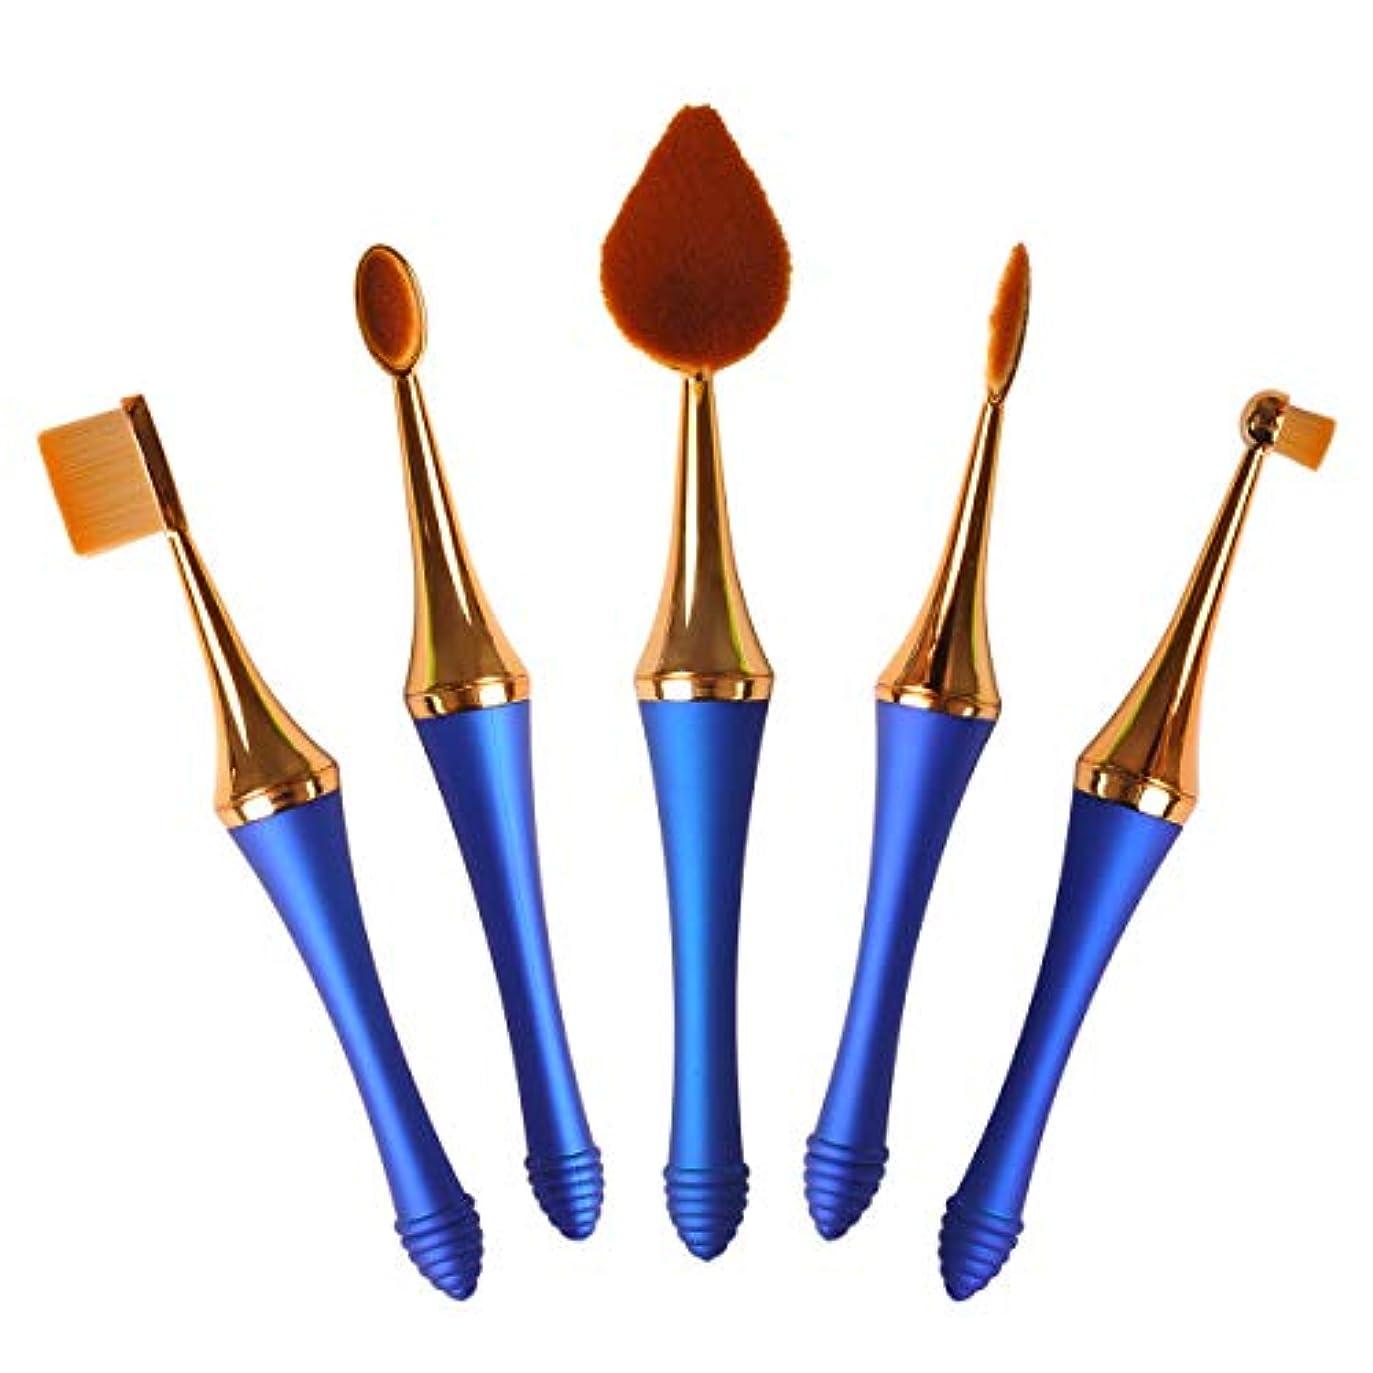 正確に期限魅力的seisso 化粧ブラシ 歯ブラシ型 高級繊維毛 化粧道具 メイクアップブラシ パウダーブラシ BBクリームプラシ コスメ 化粧 ファンデーションブラシ プレゼント (5点セット)